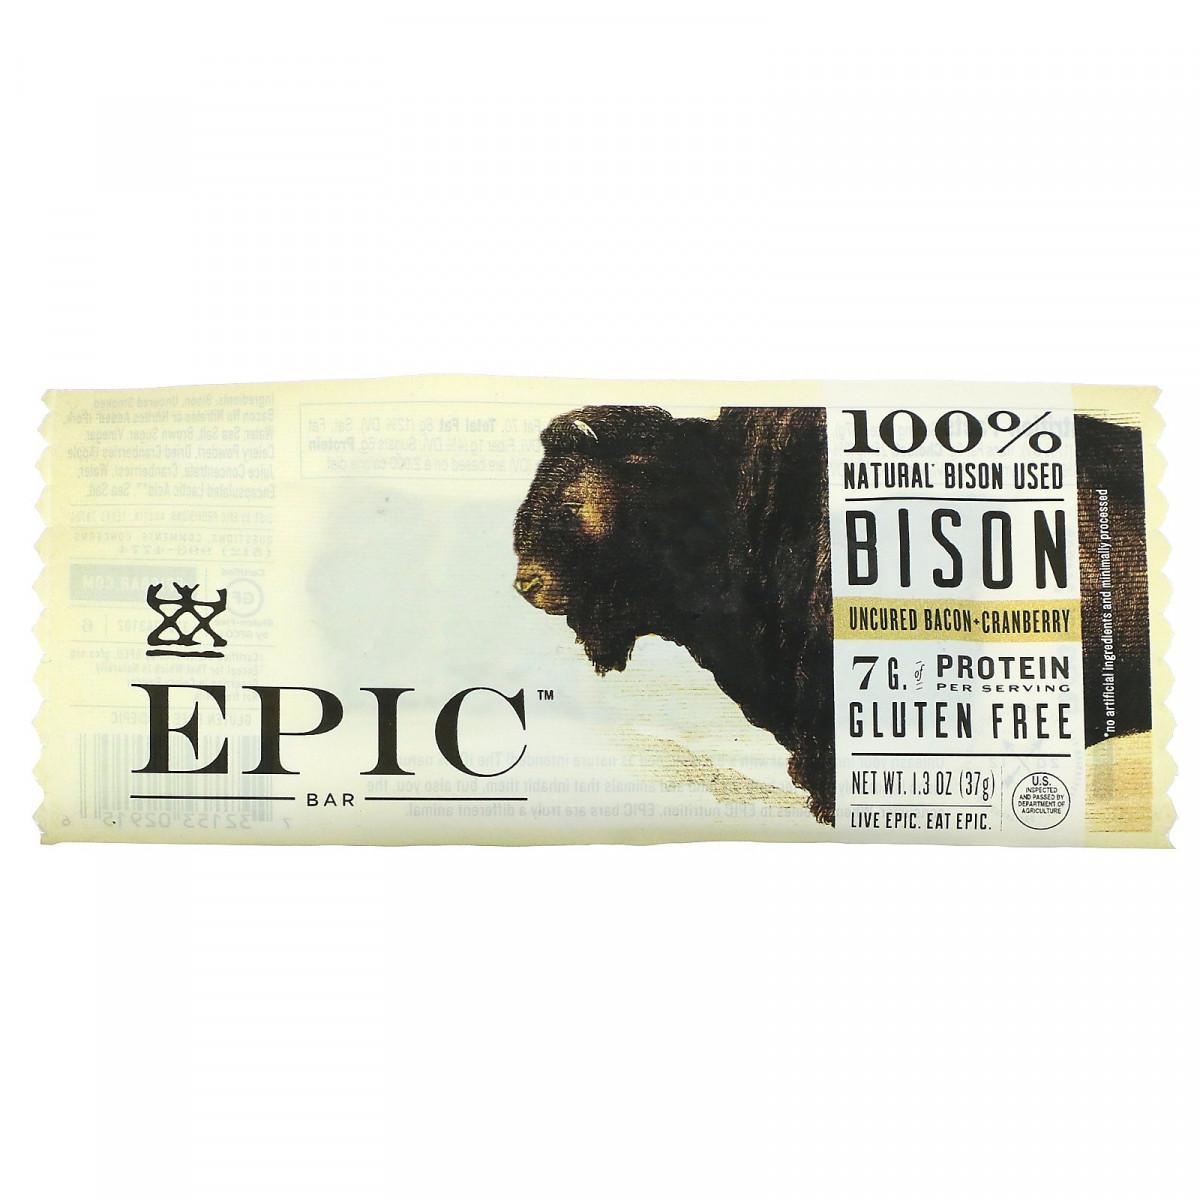 Бизон, необработанный бекон + клюква, Bison, Uncured Bacon + Cranberry, Epic Bar, 1 батончик, 37 г (1,3 унции)